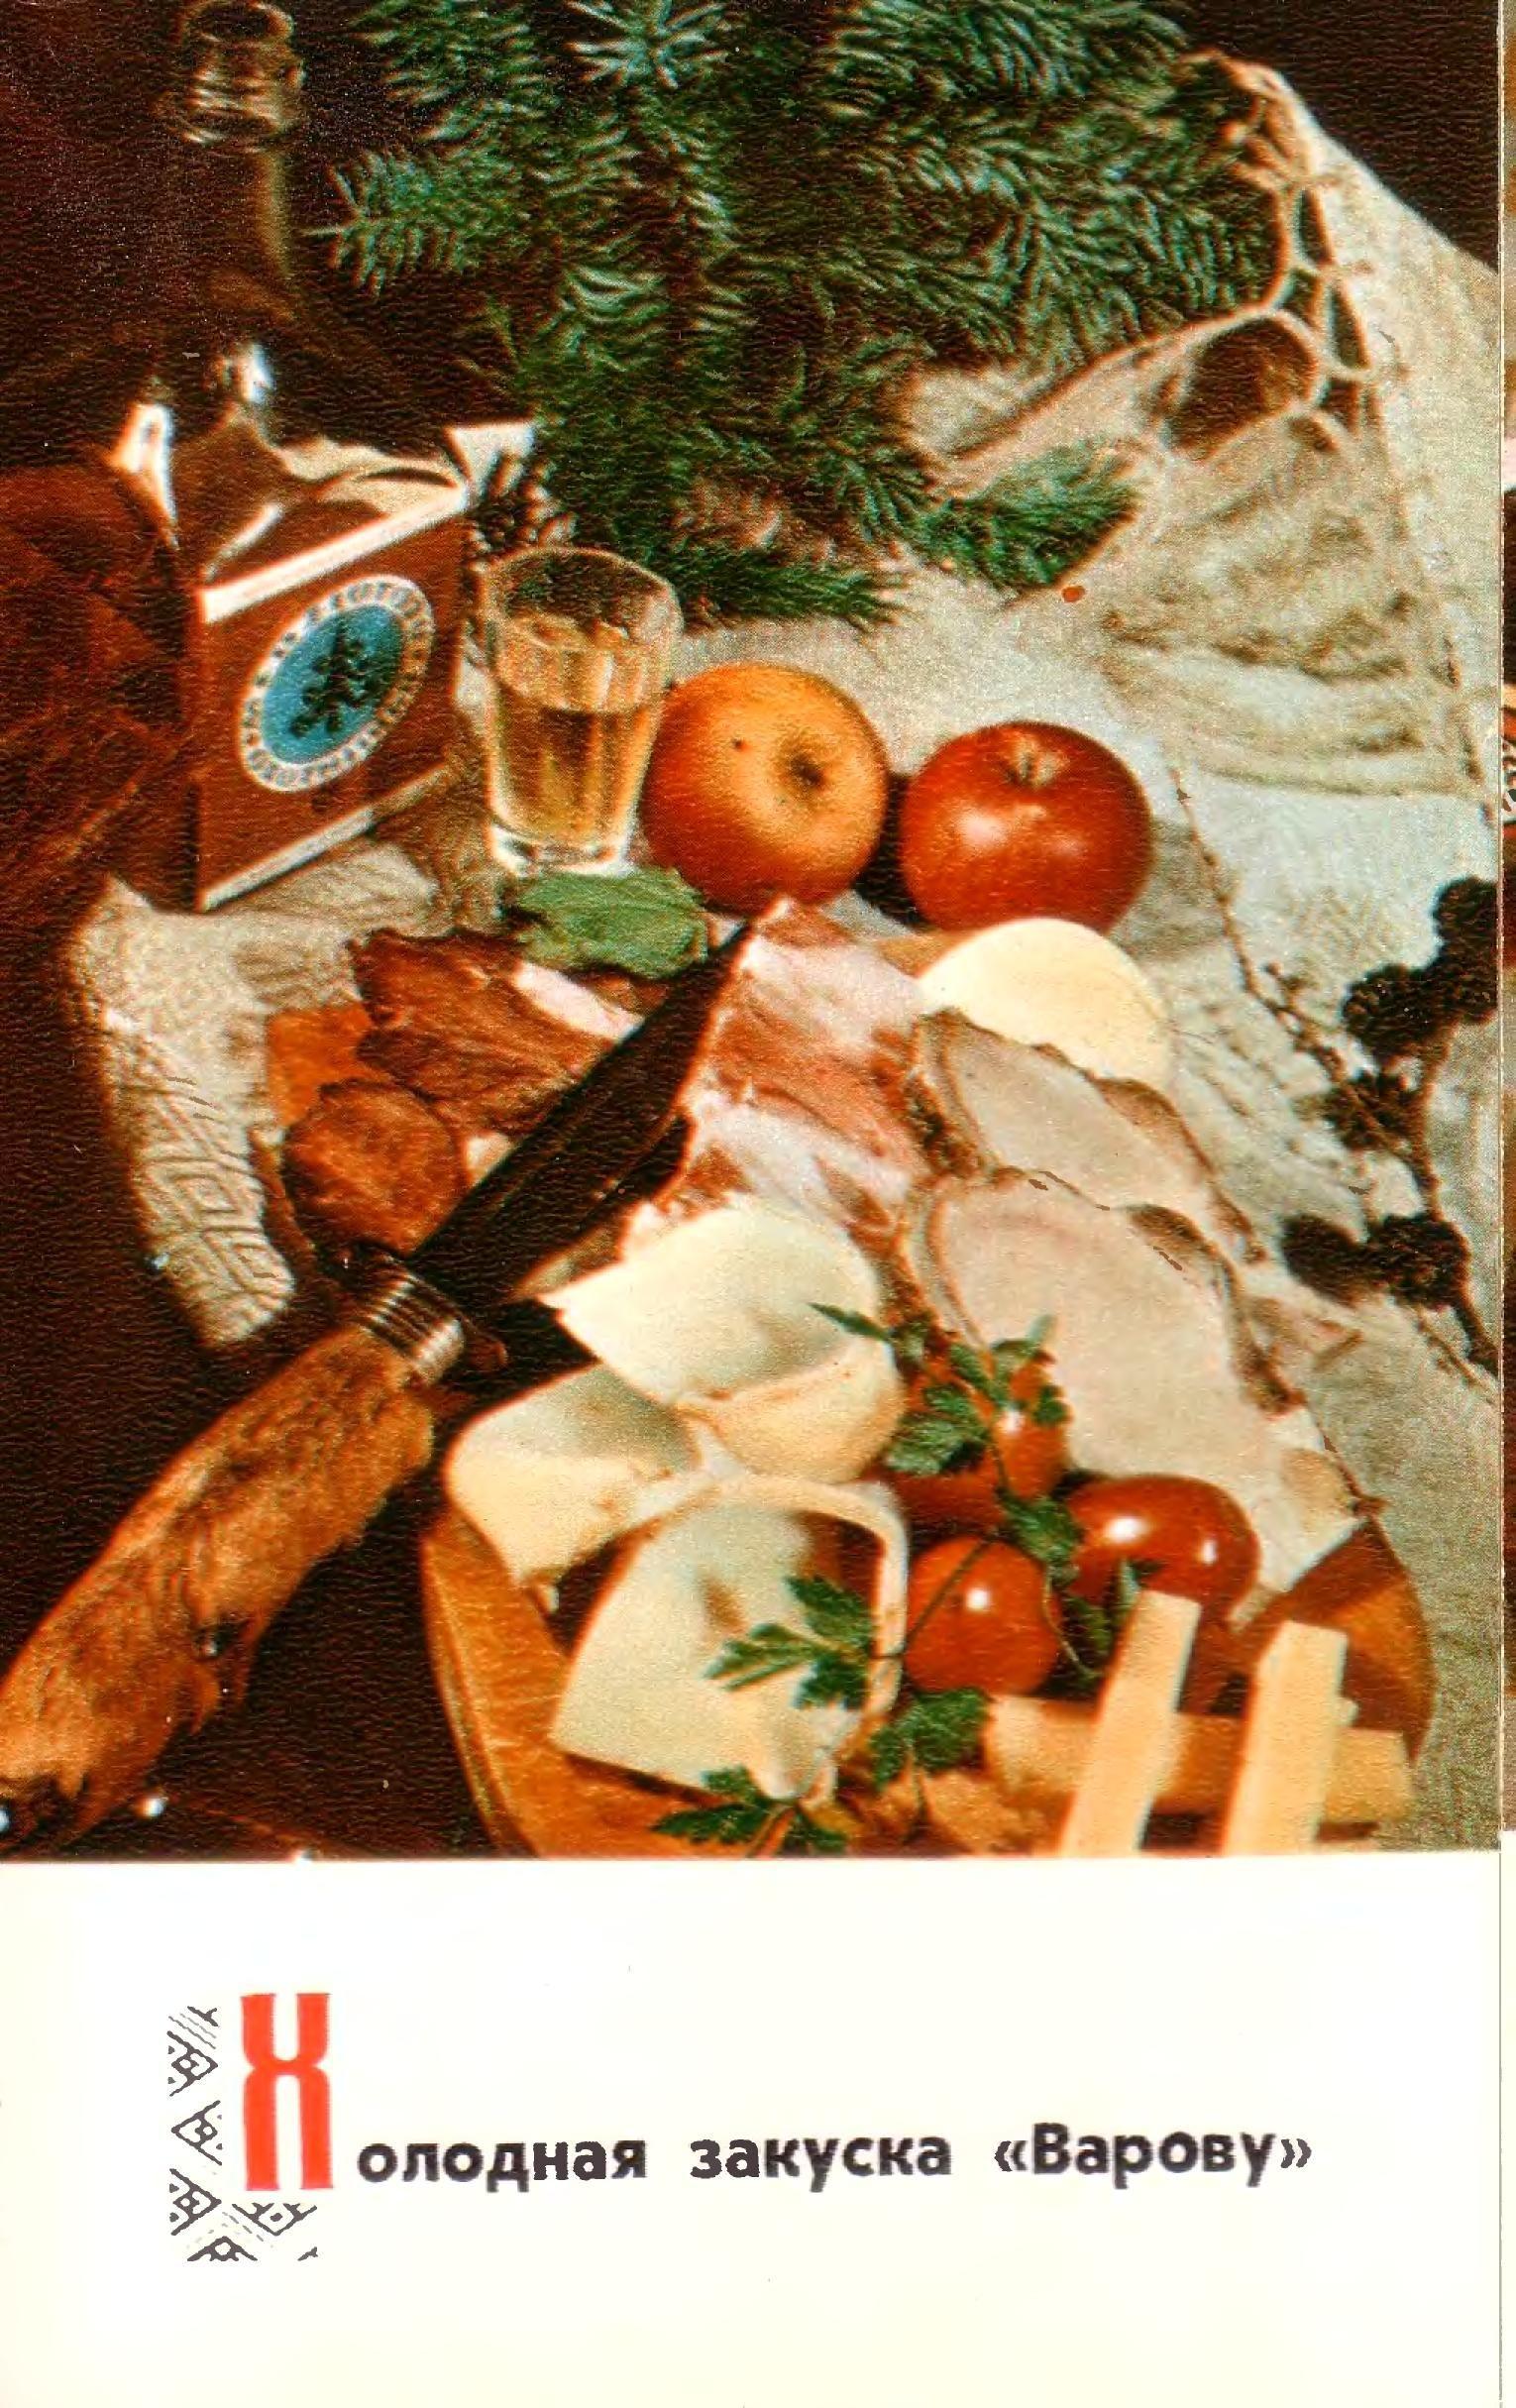 браслет ссср открытки блюда кухонь мира понял